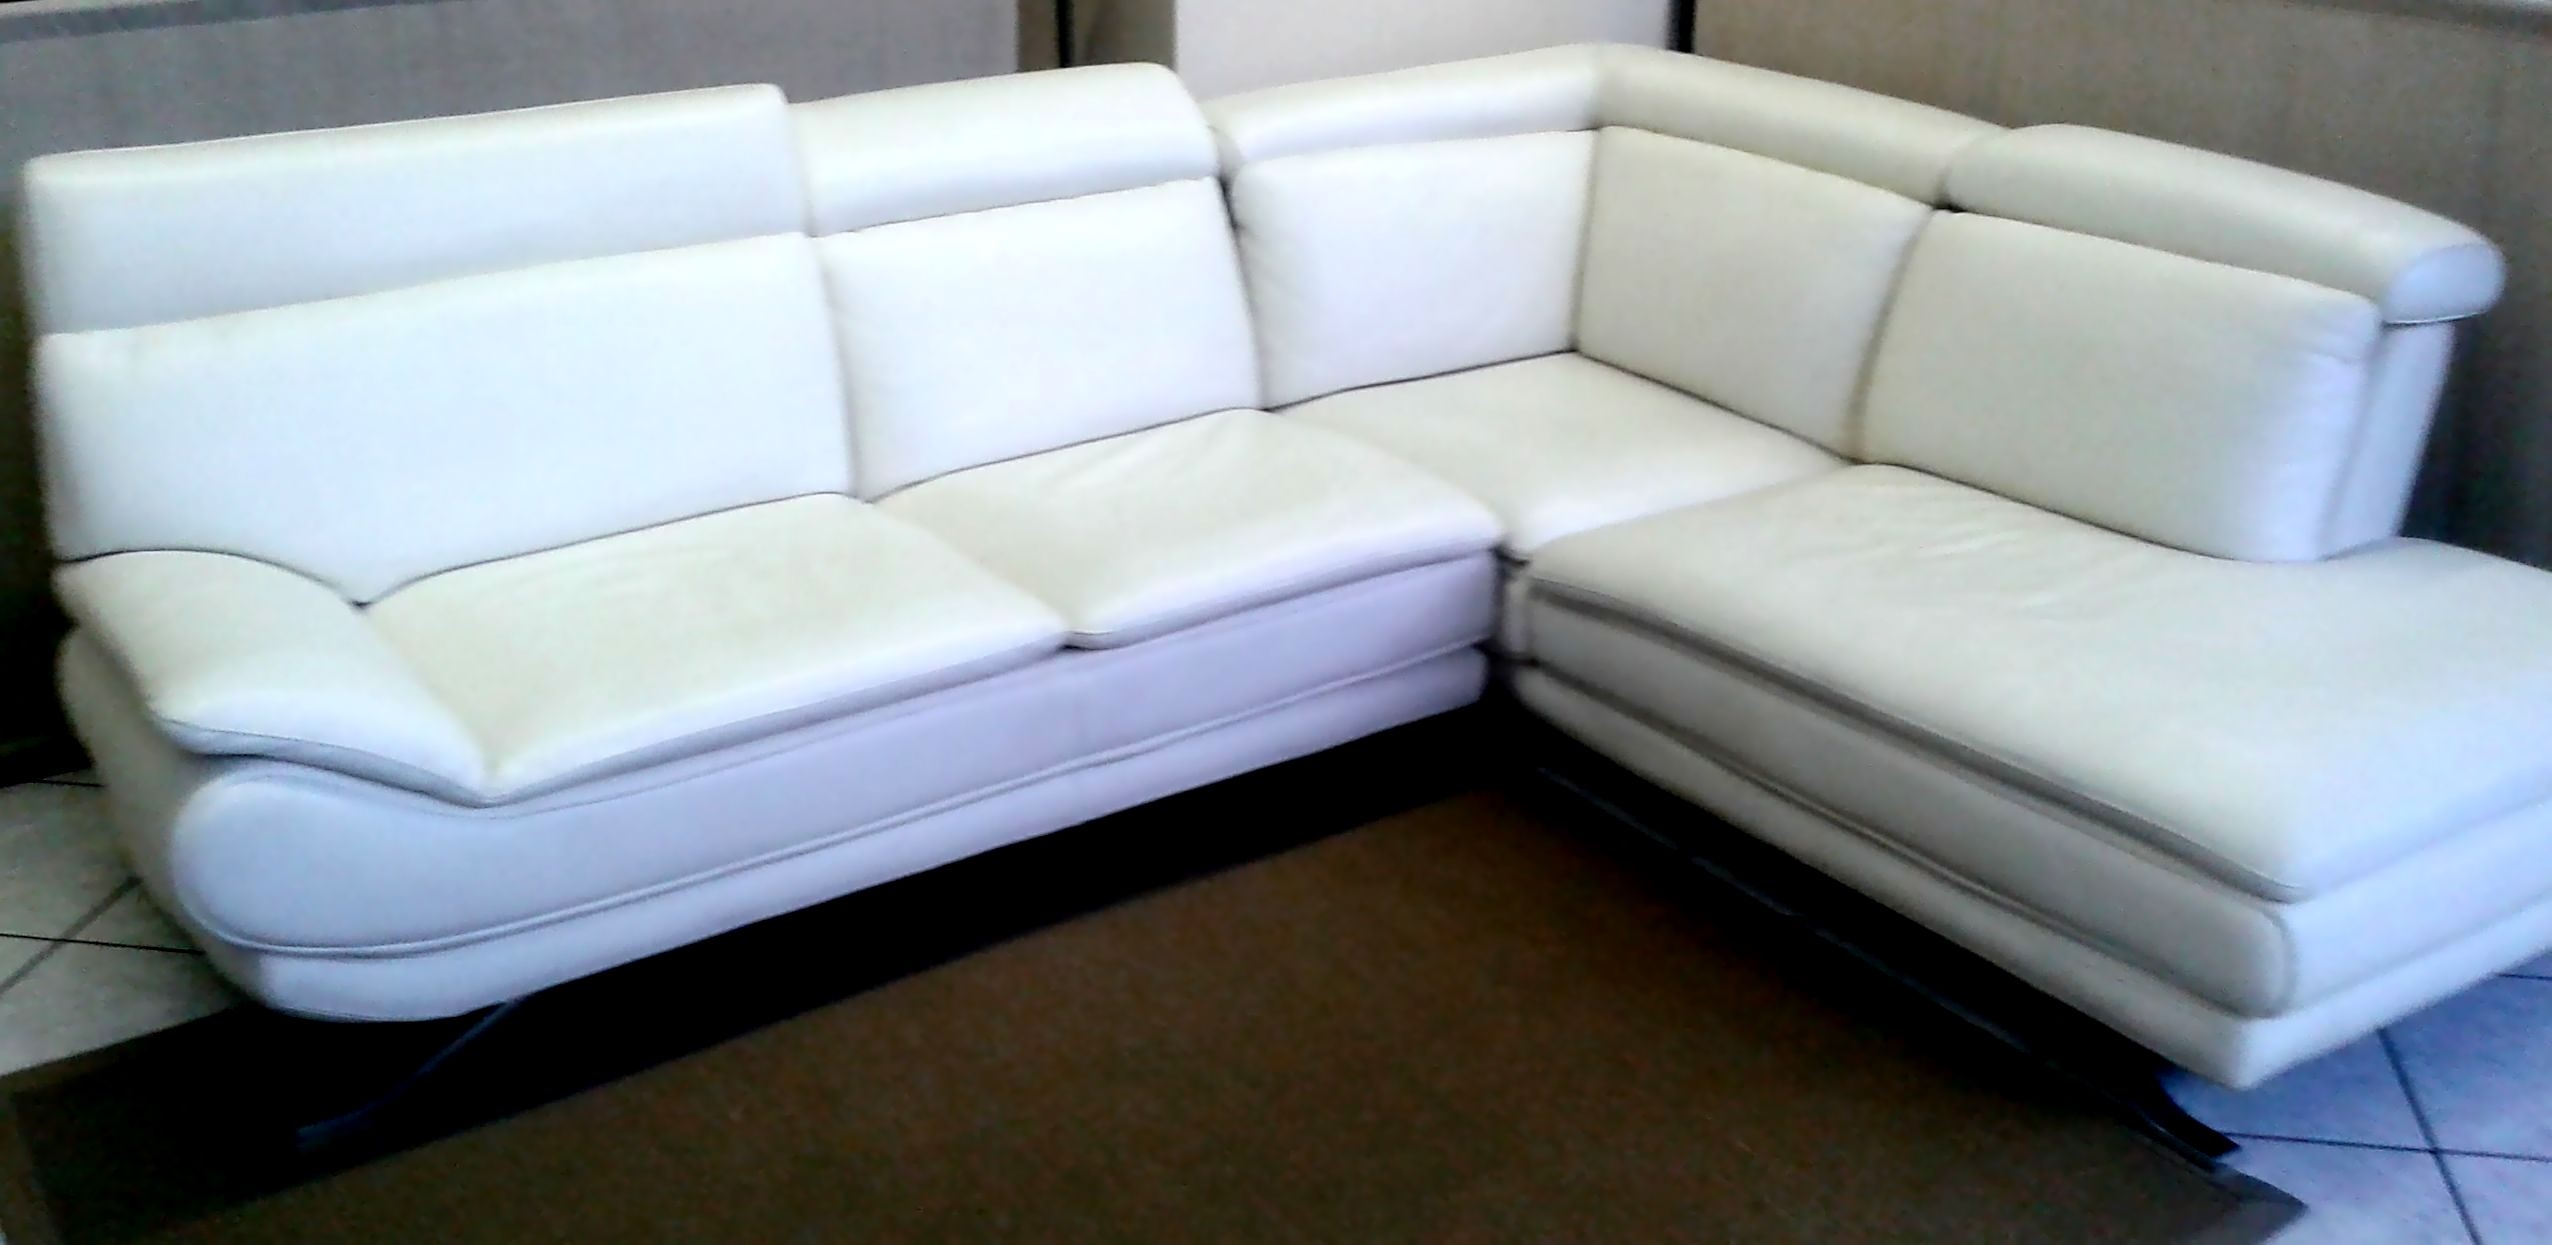 Divani pelle usati idee per il design della casa for Divani e divani pelle